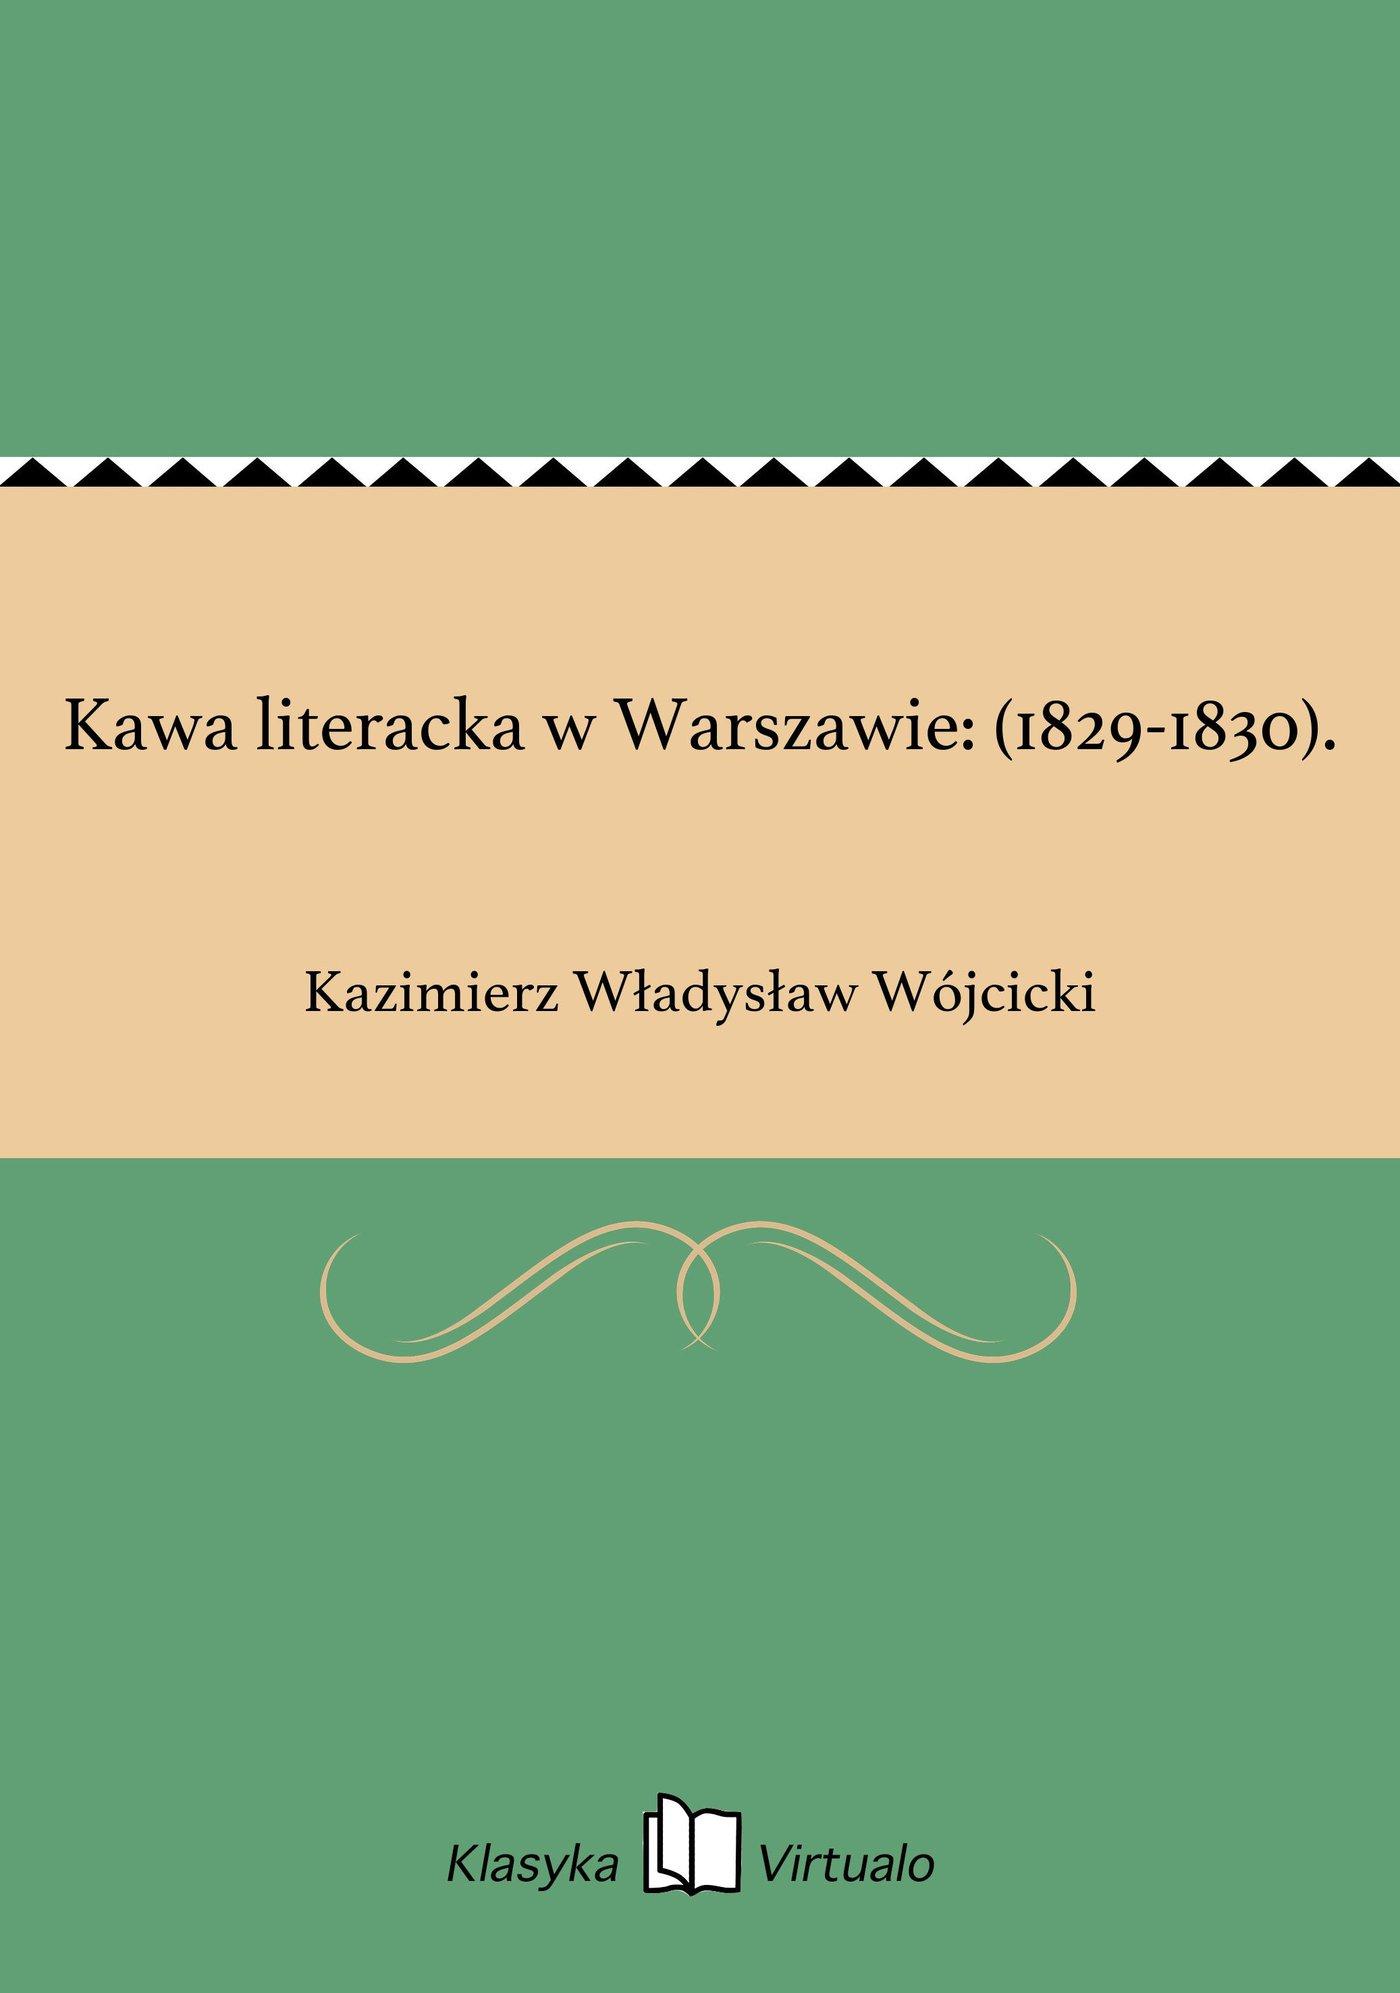 Kawa literacka w Warszawie: (1829-1830). - Ebook (Książka EPUB) do pobrania w formacie EPUB